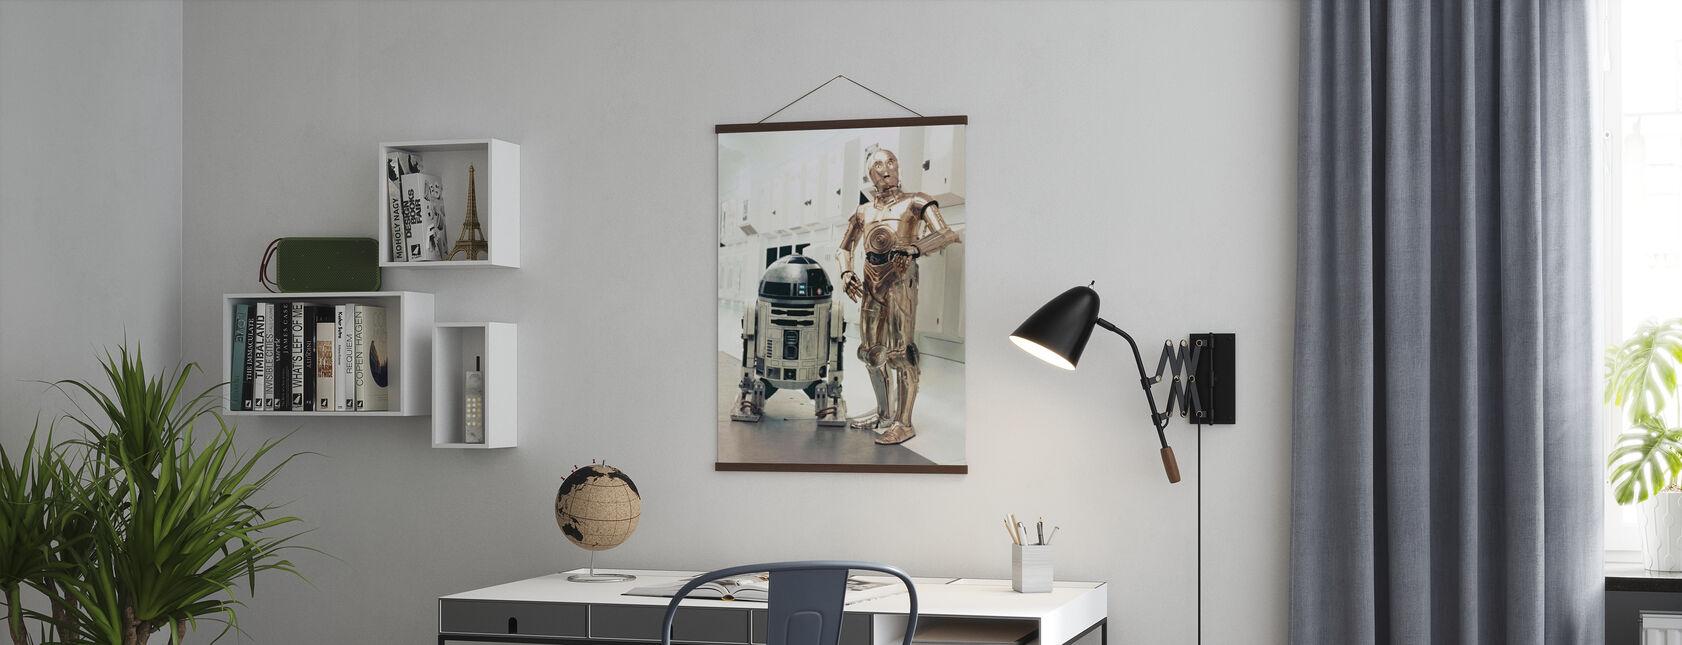 Star Wars Episode IV - Eine neue Hoffnung - Poster - Büro